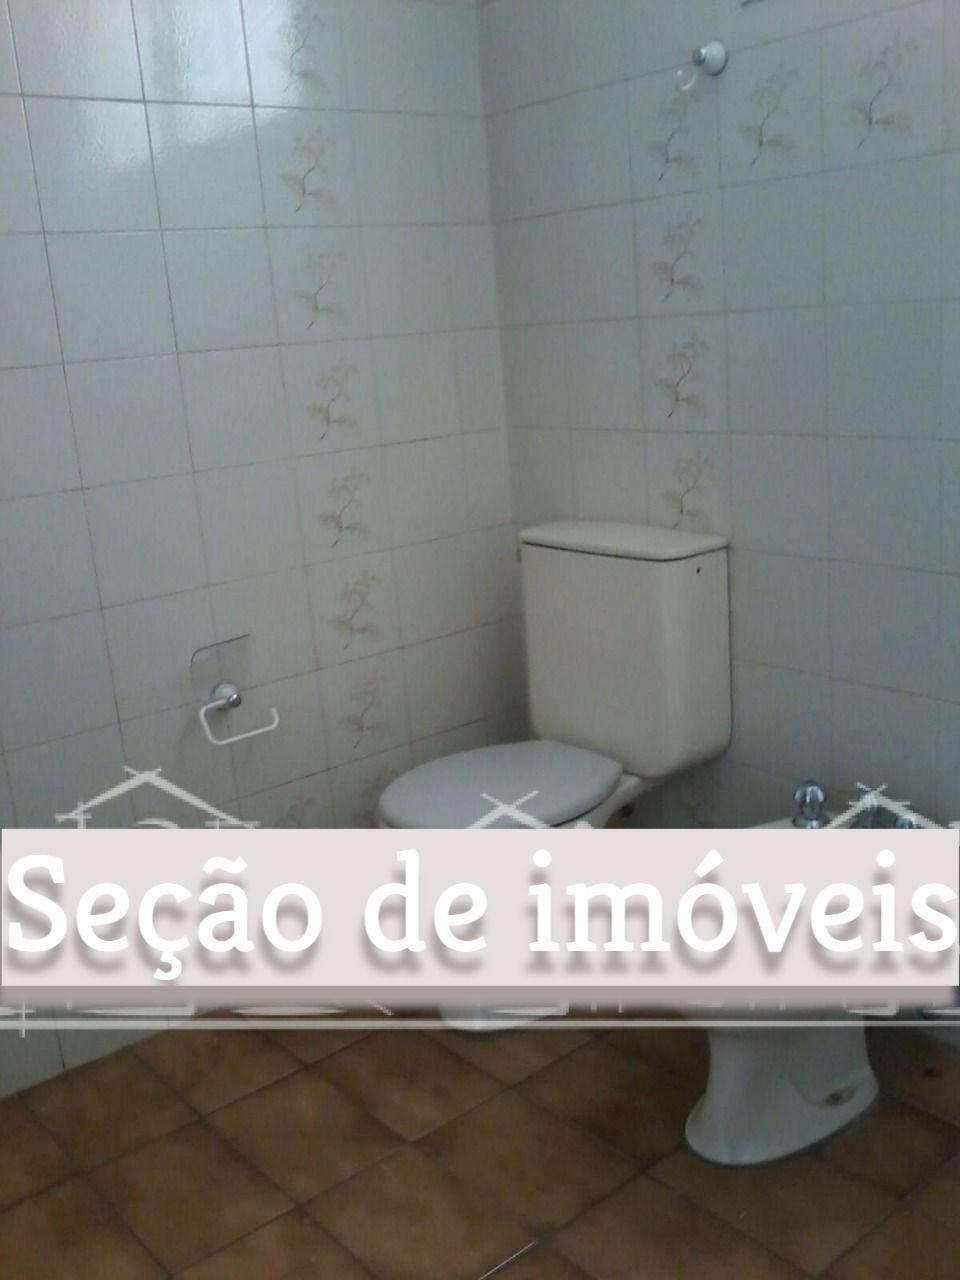 329 -  Apto Higienópolis 90 m²